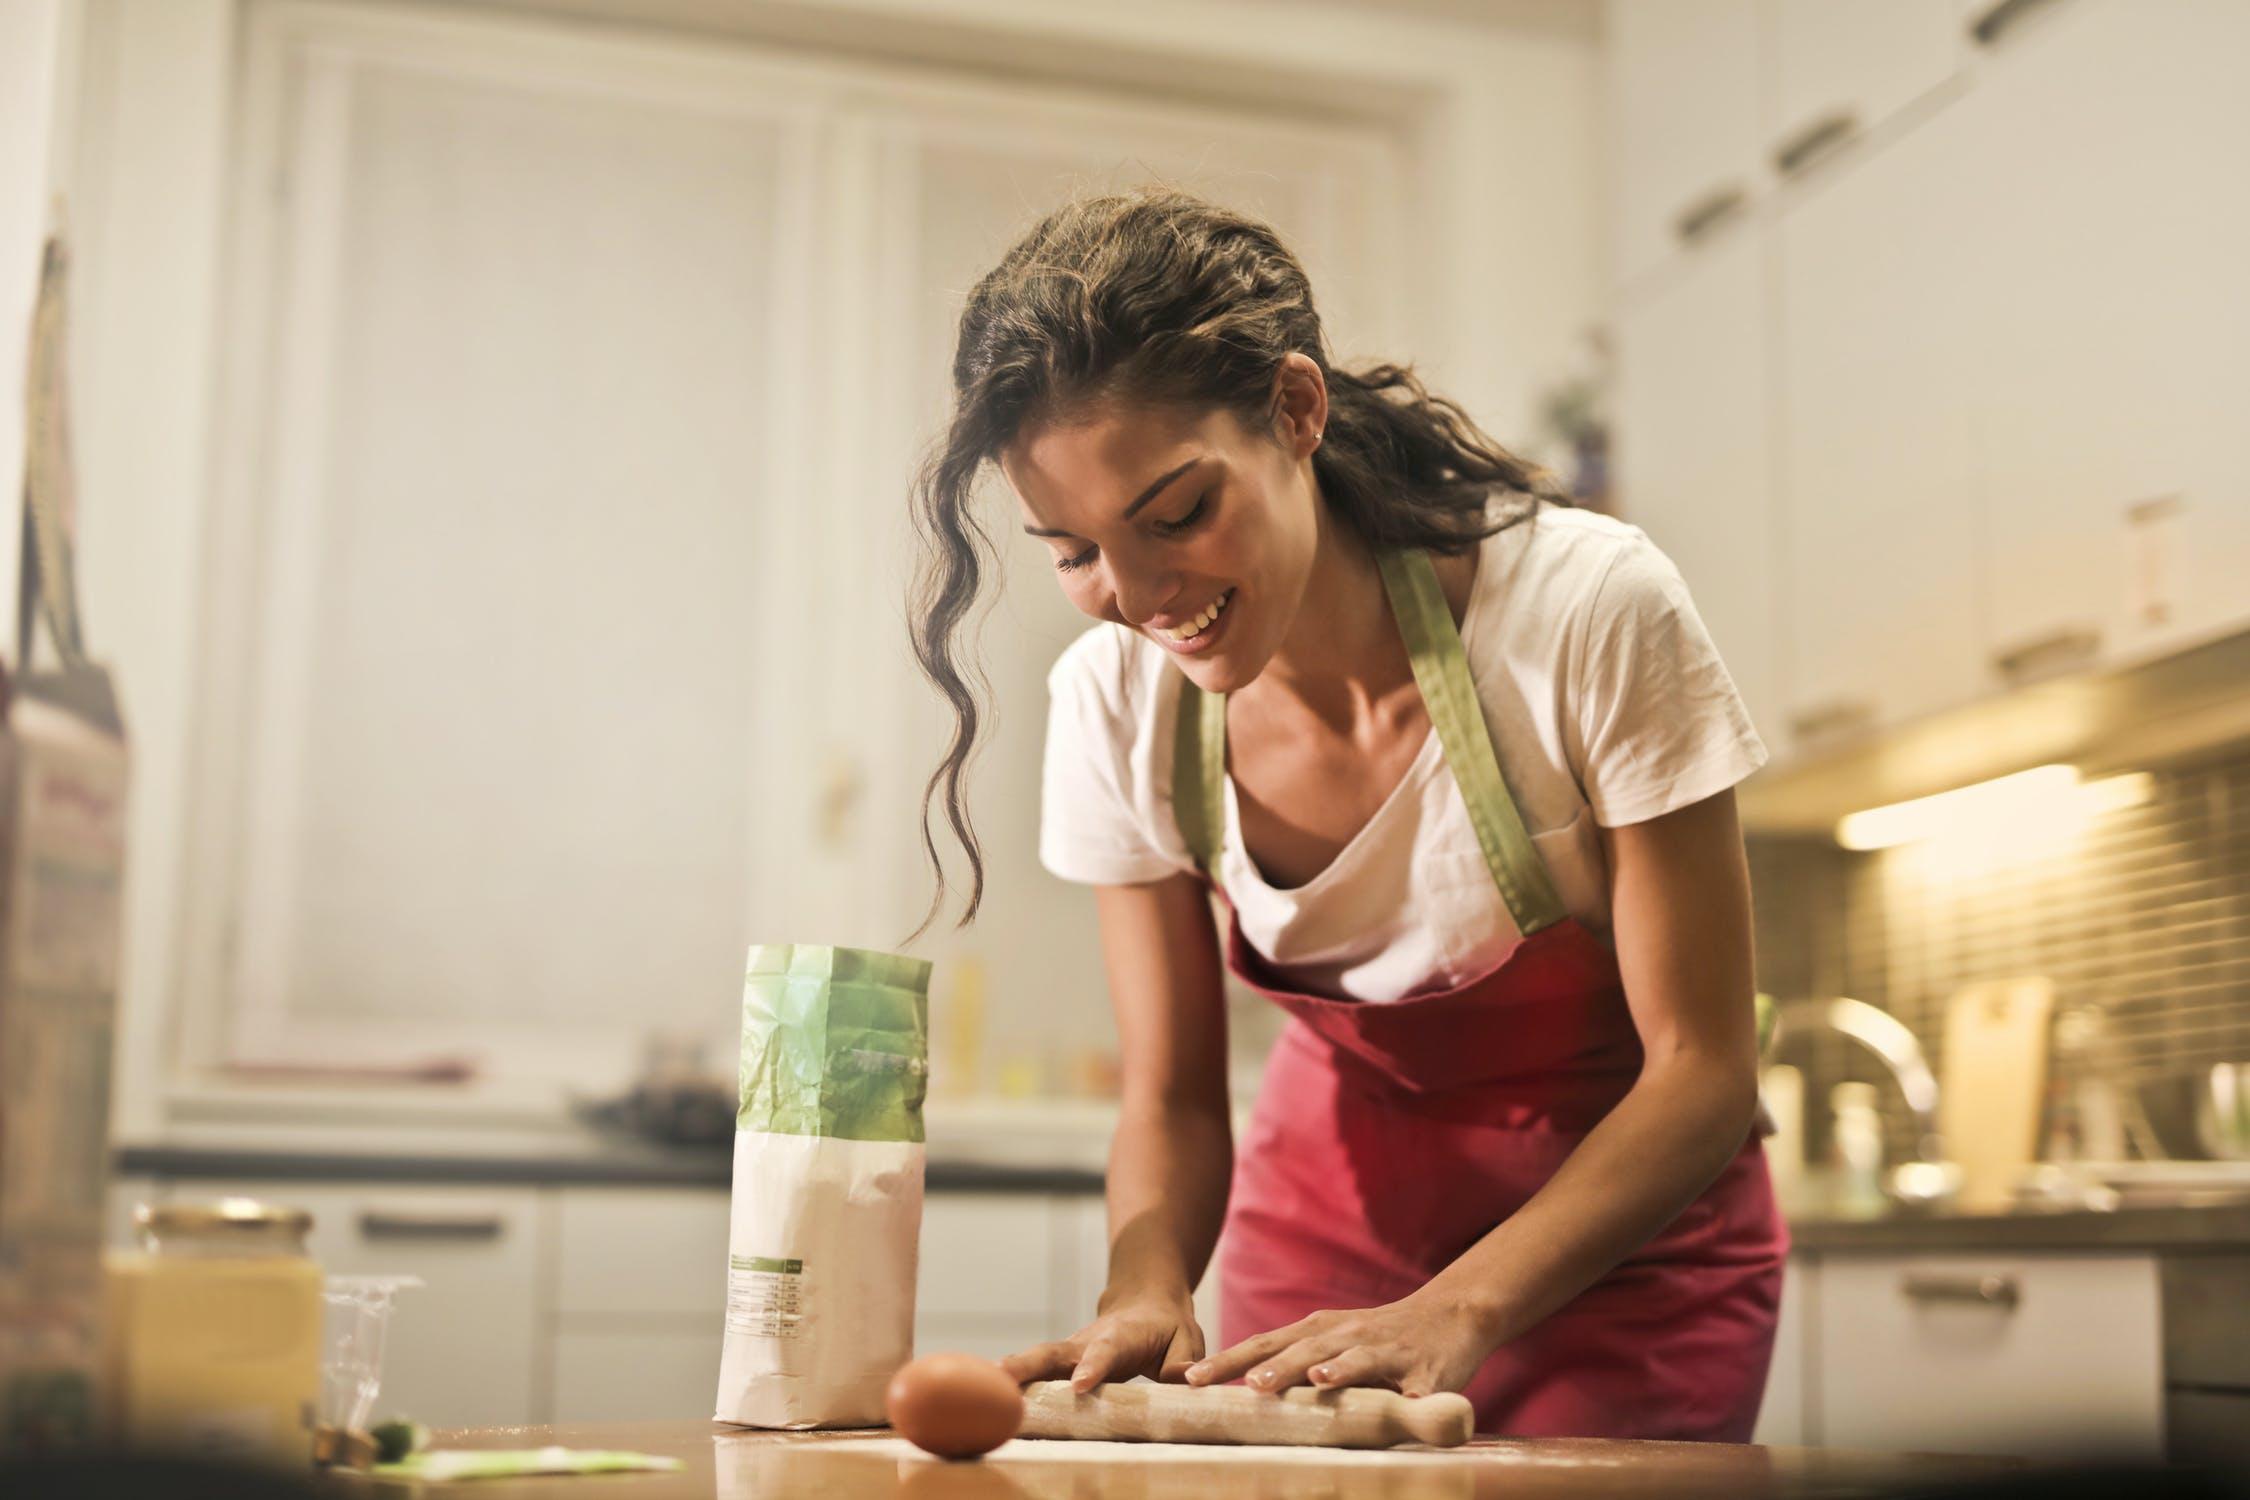 kitchen appliances, yescomusa, kitchen equipment